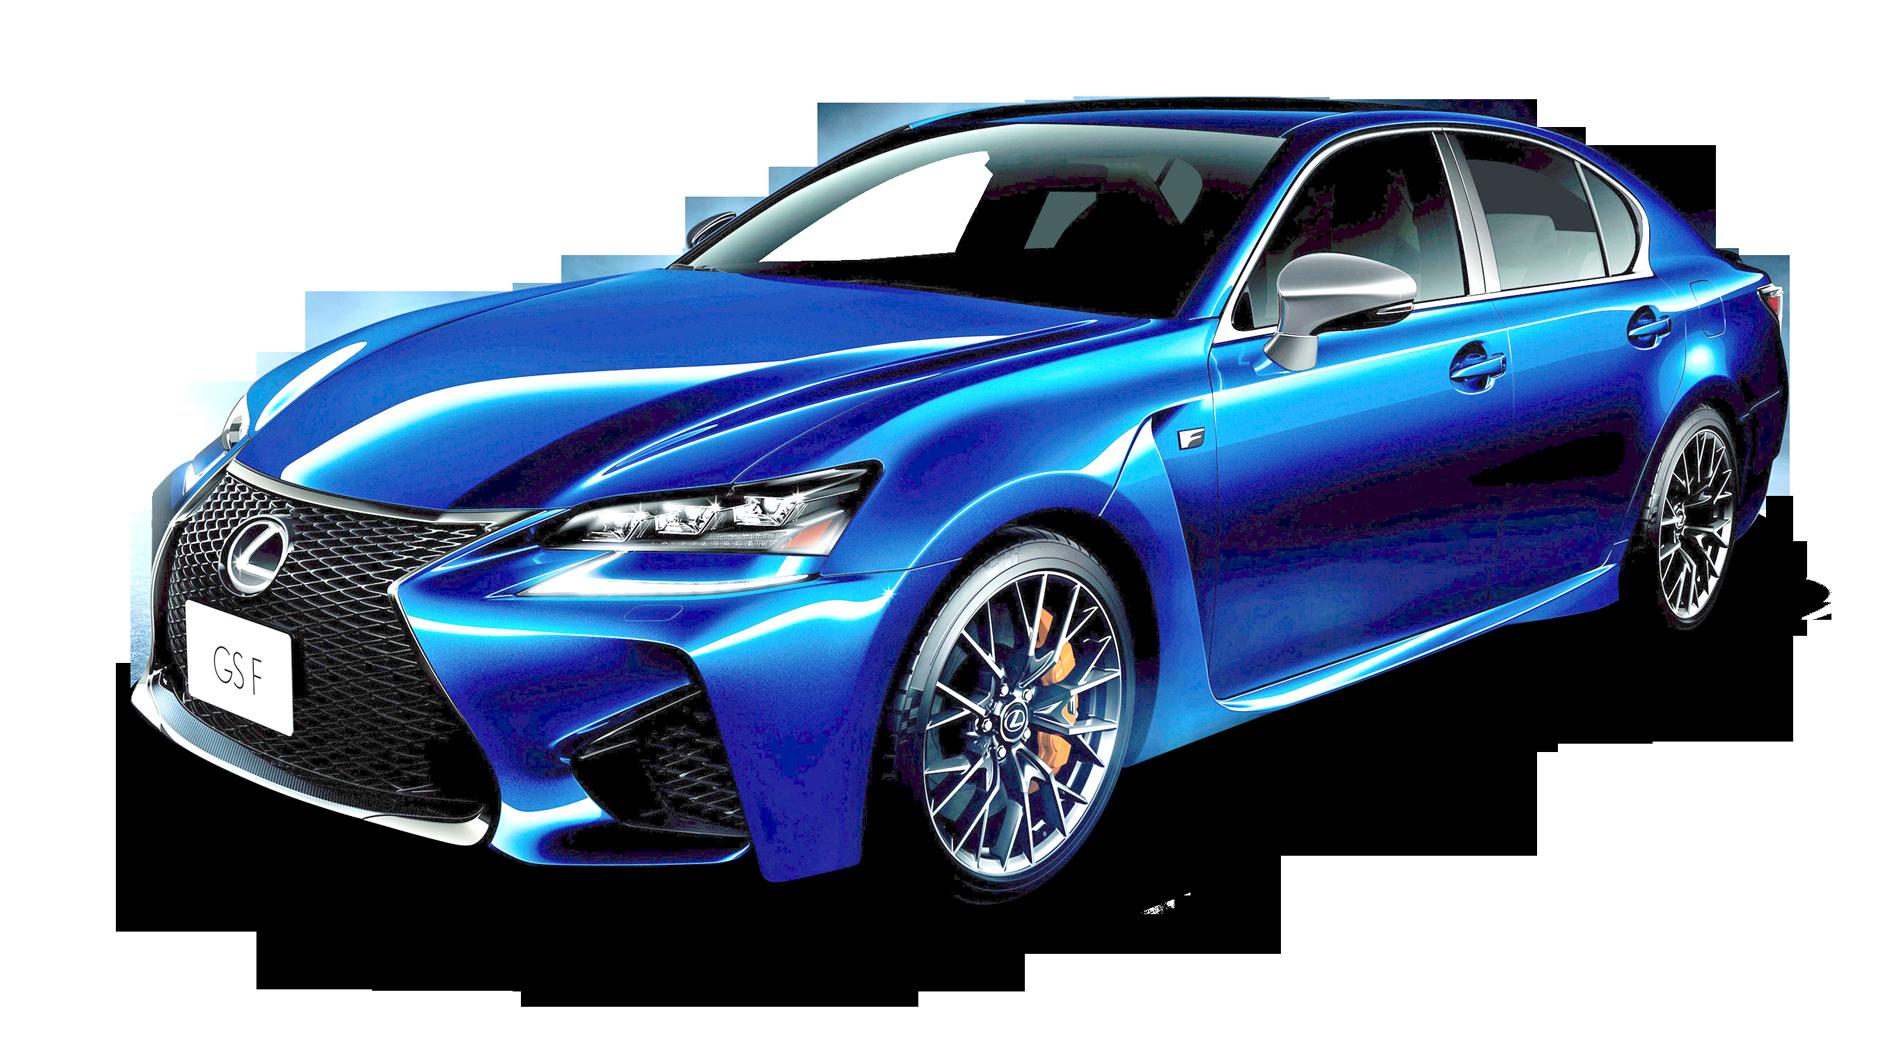 Lexus GS Blue Car PNG Image - PngPix